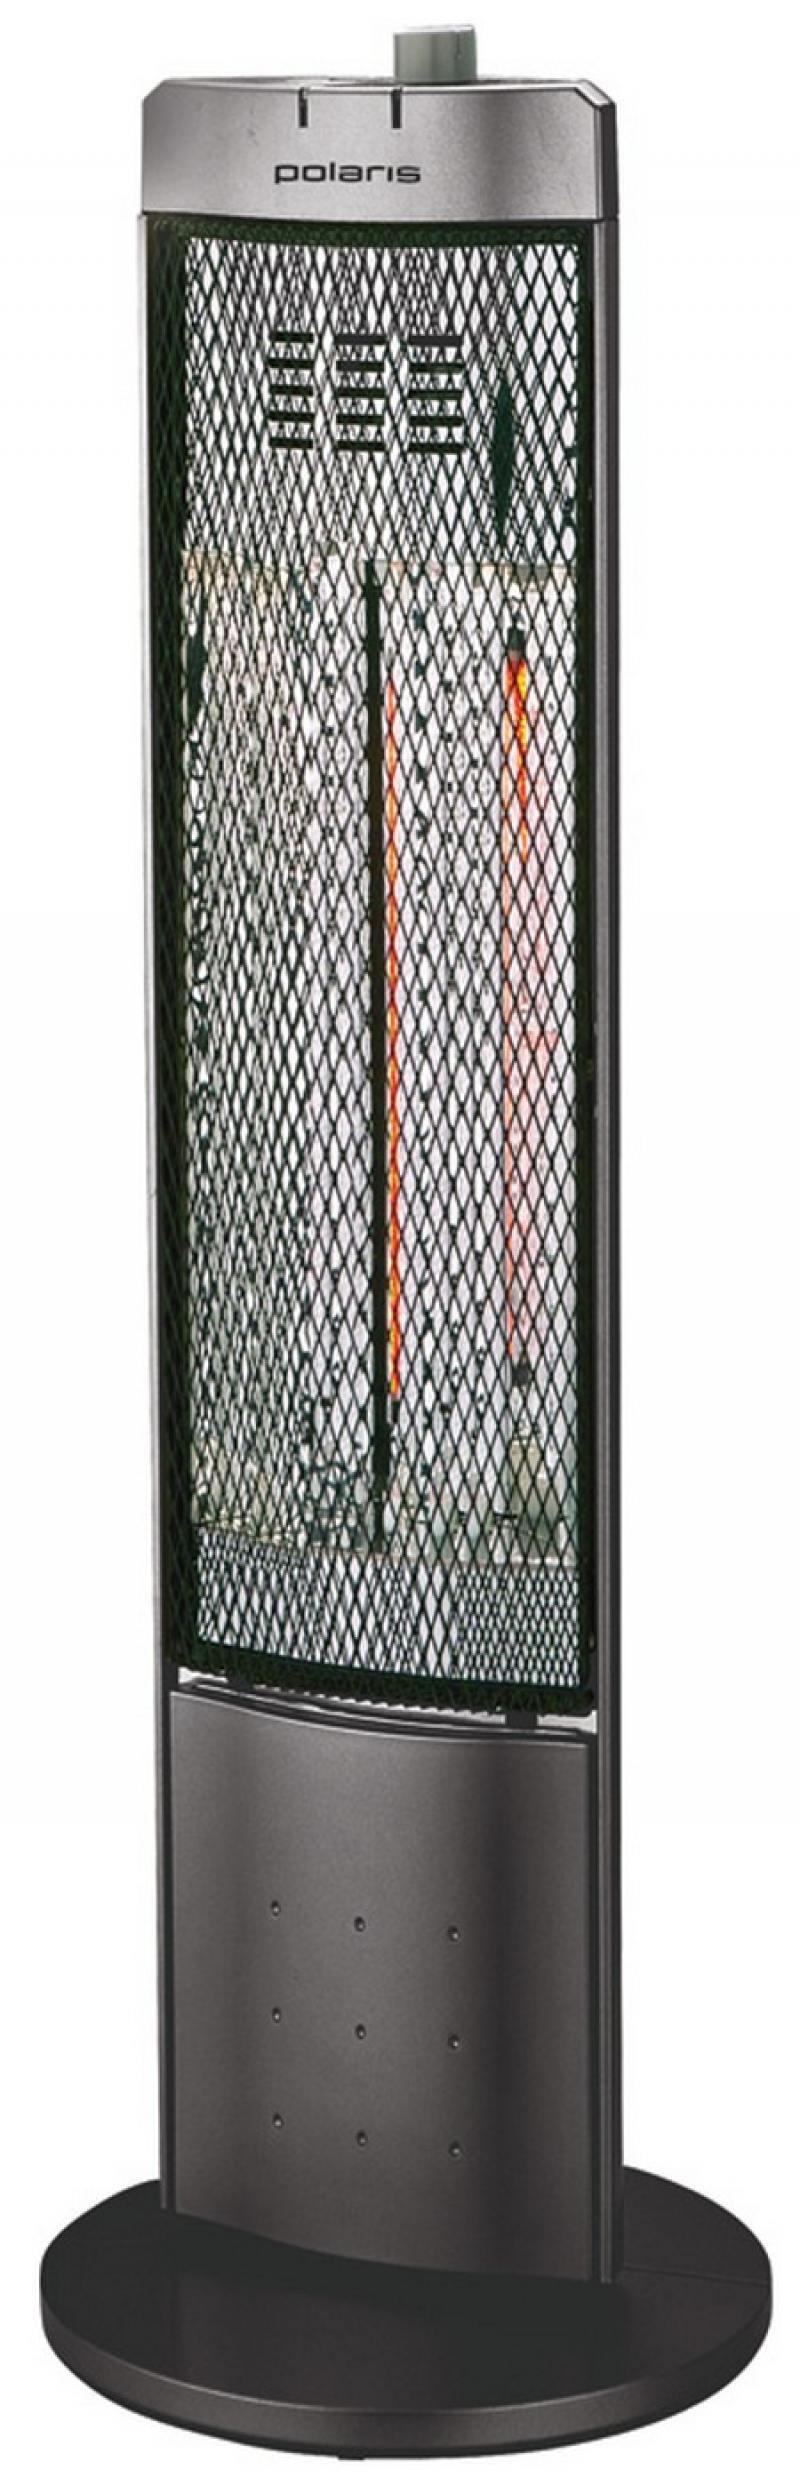 Инфракрасный обогреватель Polaris PKSH 0608 800Вт